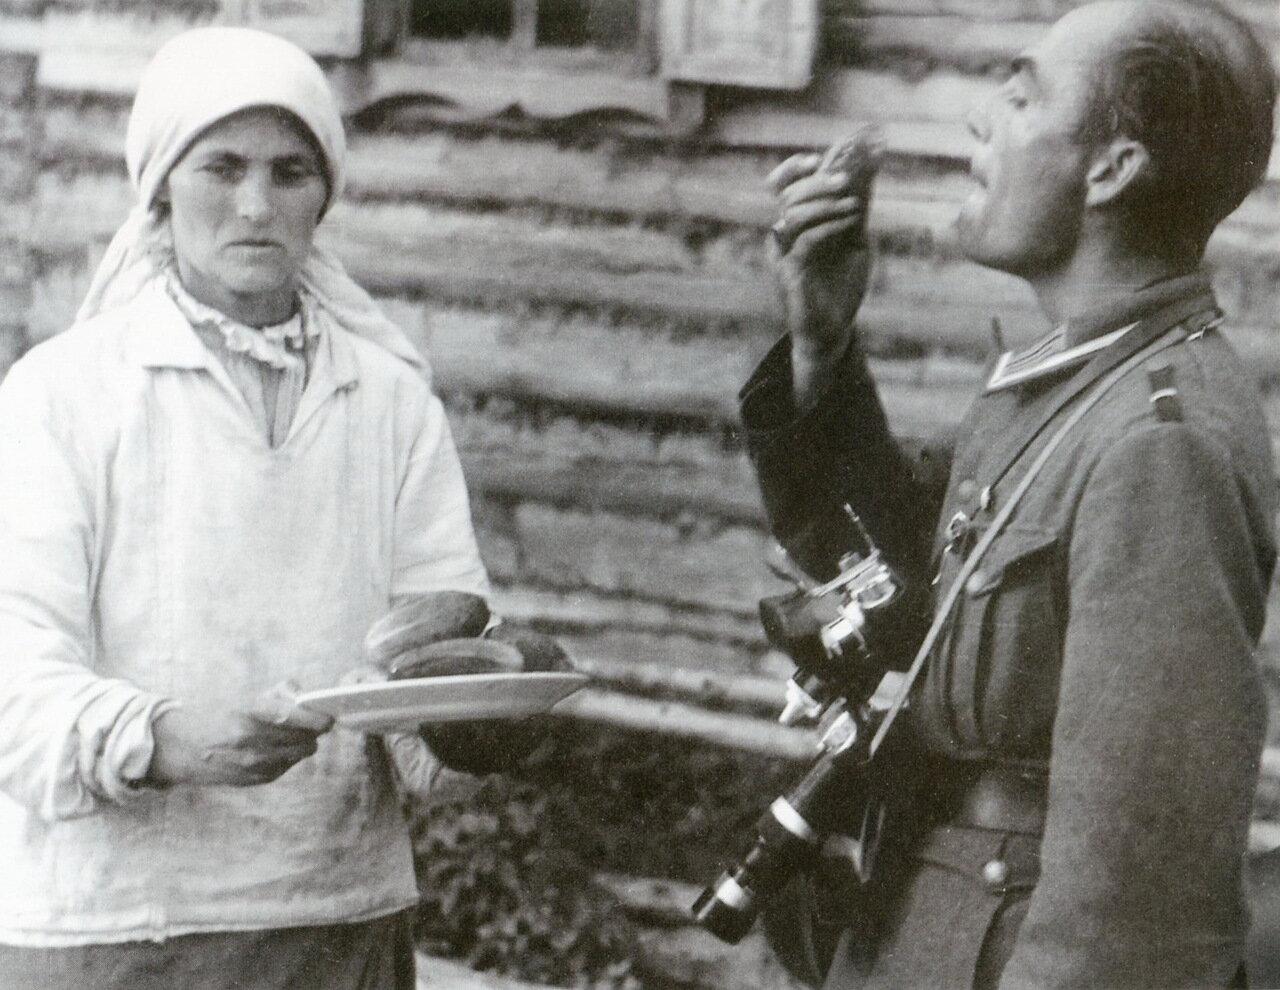 1941. Белоруссия, немецкий репортер  ест огурец, предложенный крестьянкой